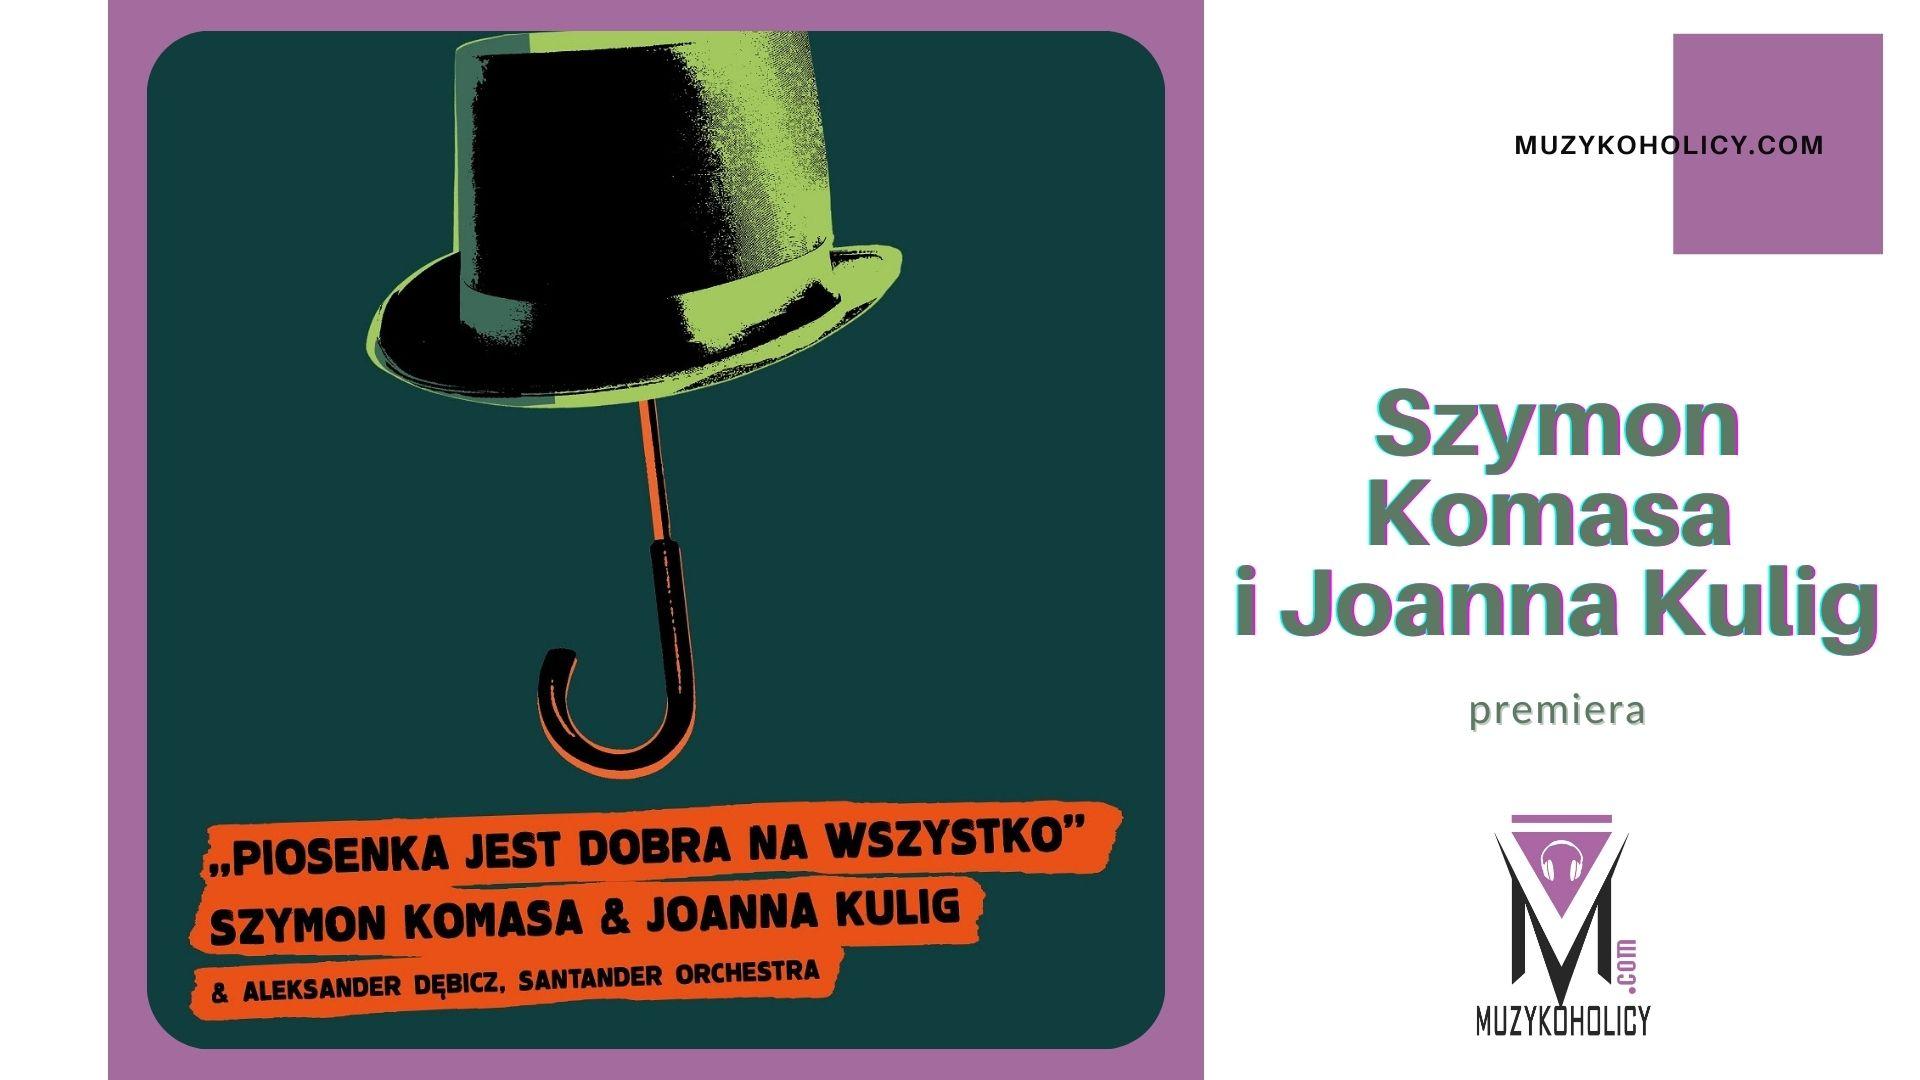 """Szymon Komasa i Joanna Kulig w pełnej humoru interpretacji utworu """"Piosenka jest dobra na wszystko"""""""